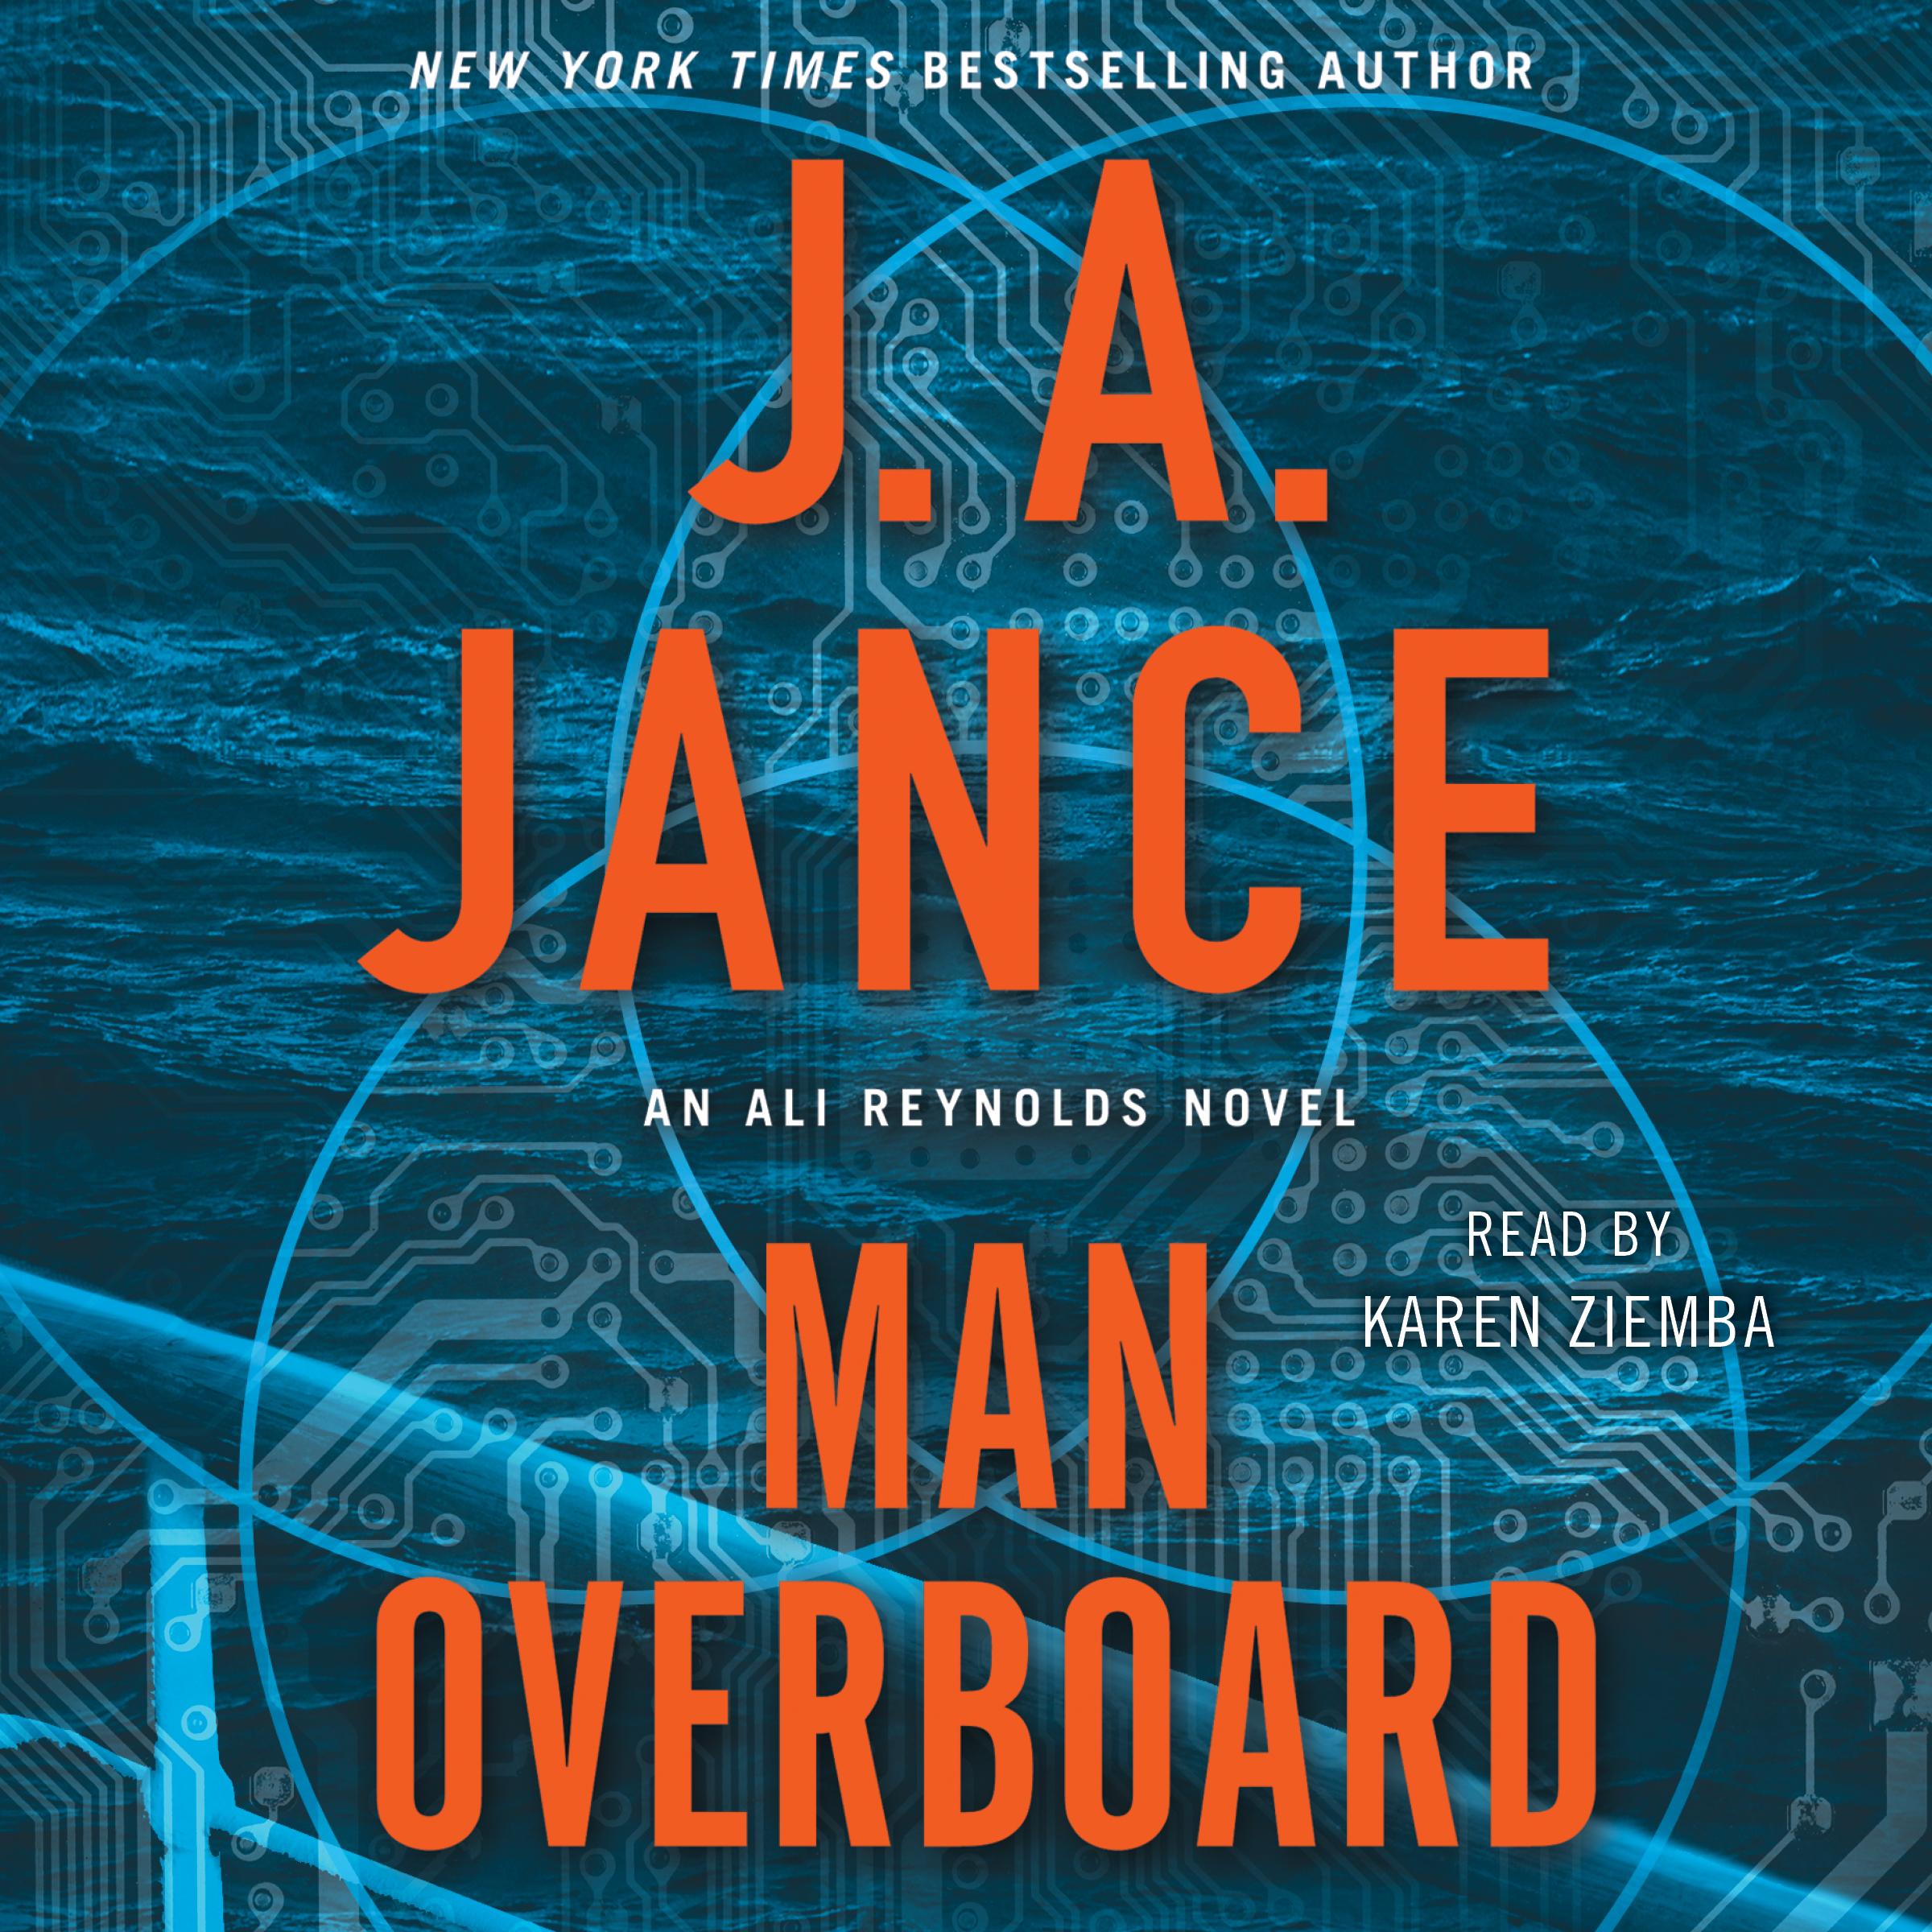 Man overboard 9781508227496 hr